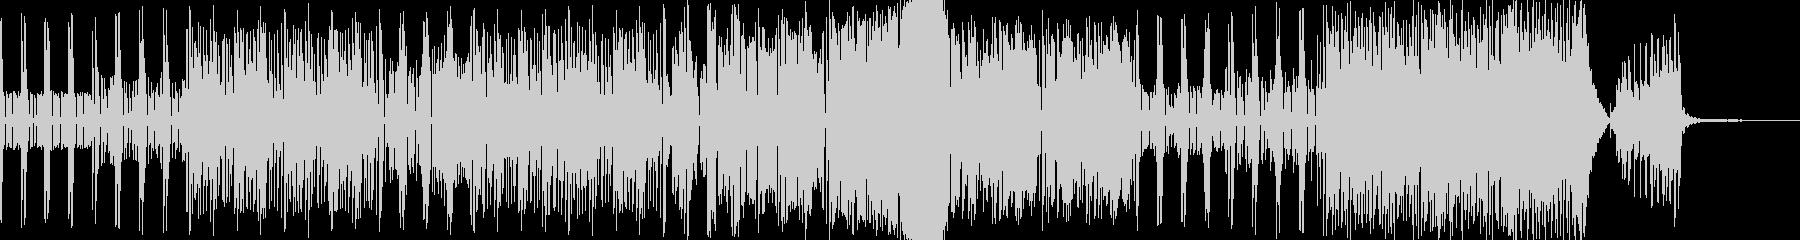 ピアノの旋律とコーラスが爽快なポップスの未再生の波形